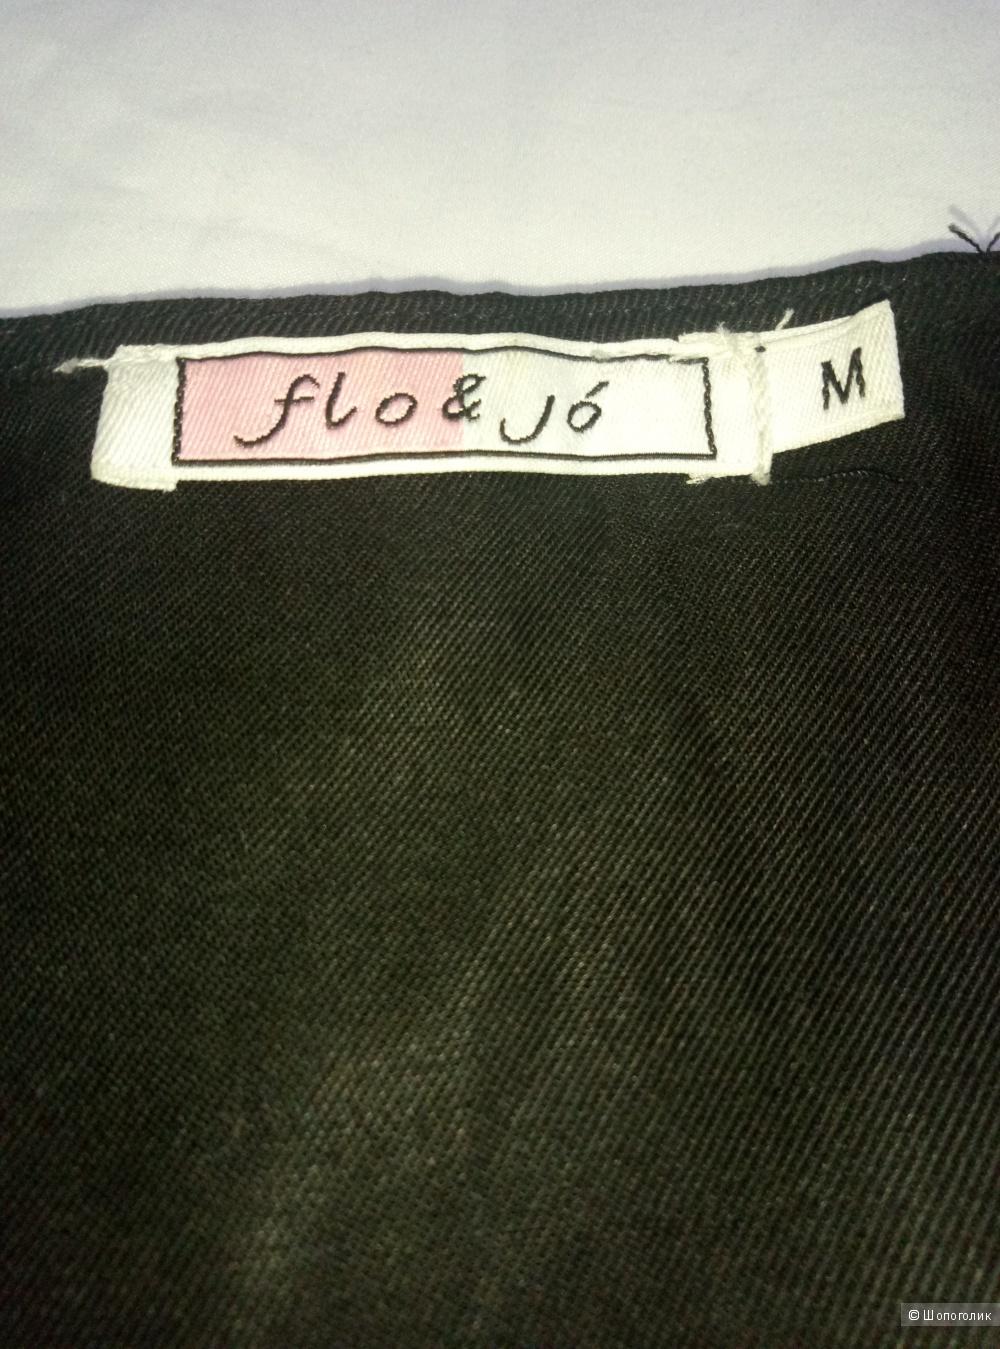 Комбинезон Flo&jo, размер М